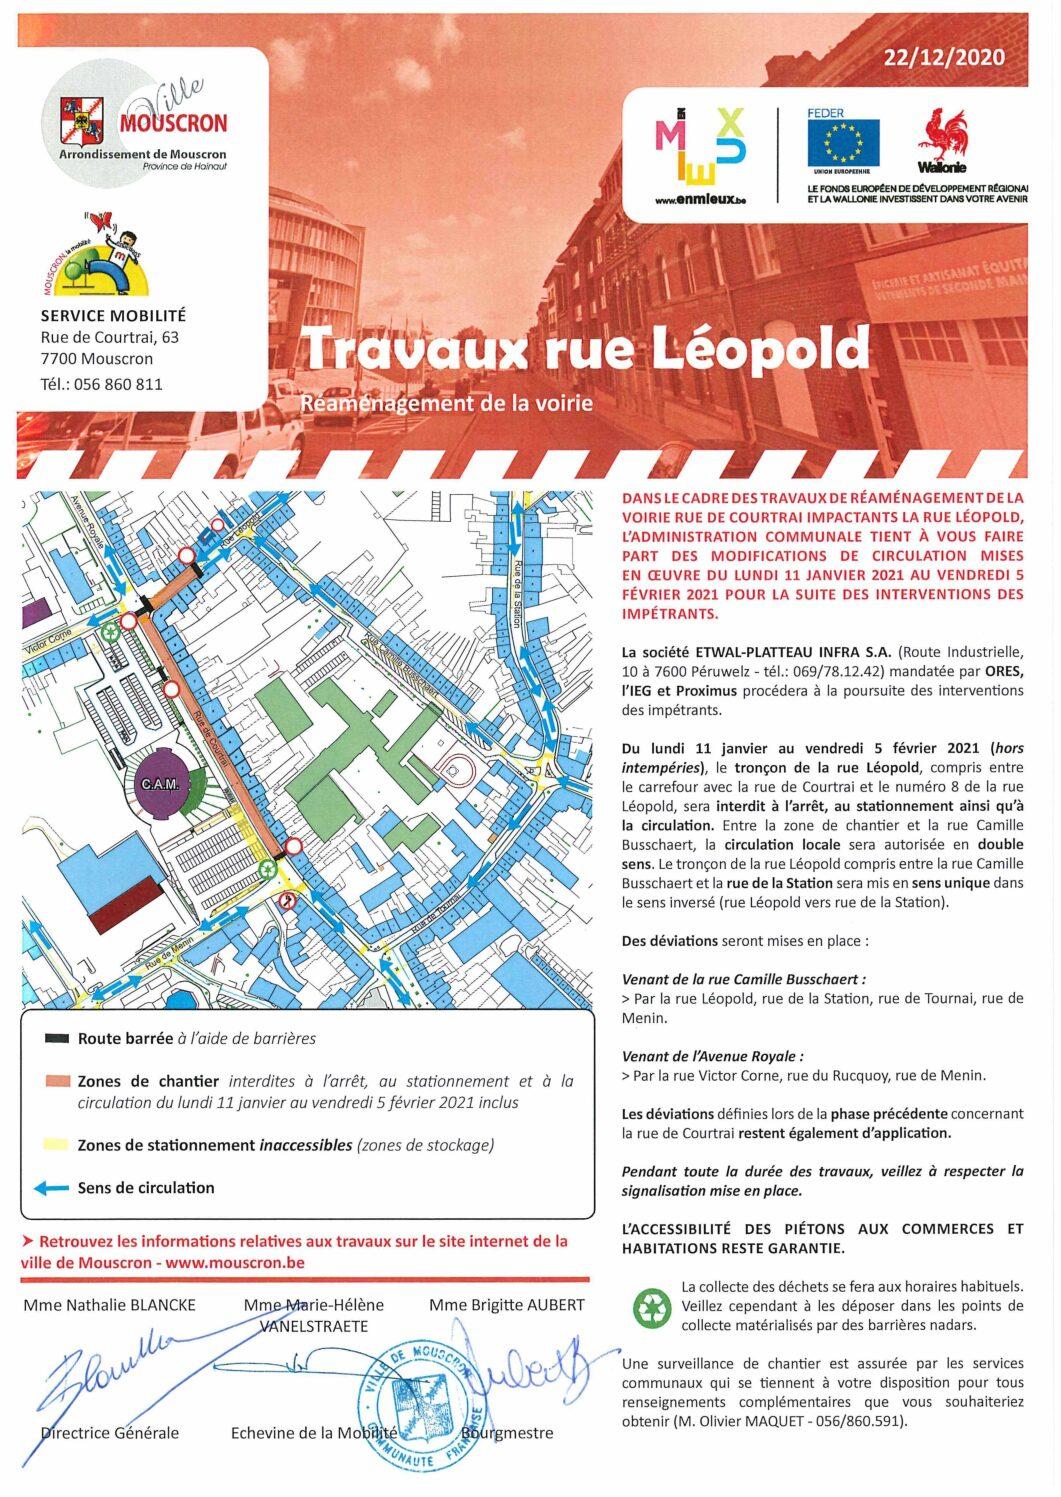 Modification du sens de circulation dans la rue Léopold du 11/01 au 05/02